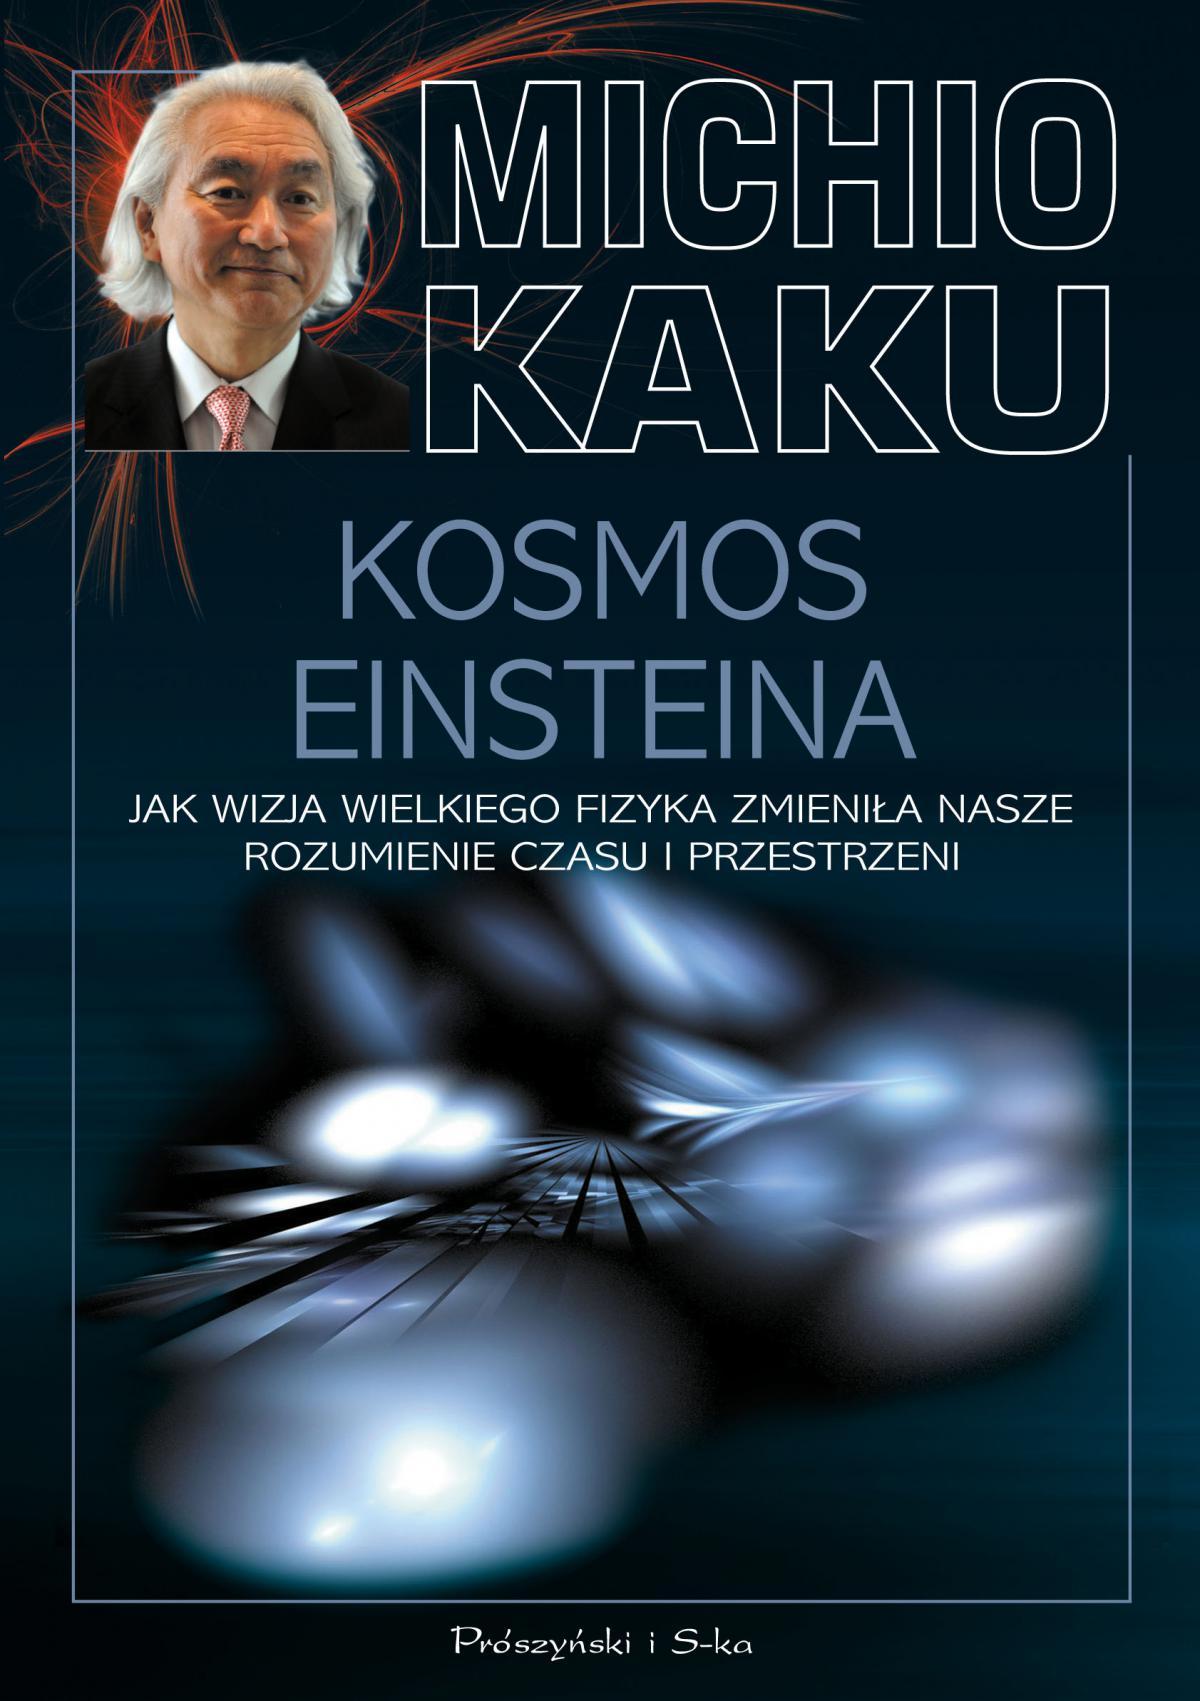 Kosmos Einsteina. Jak wizja wielkiego fizyka zmieniła nasze rozumienie czasu i przestrzeni - Ebook (Książka na Kindle) do pobrania w formacie MOBI